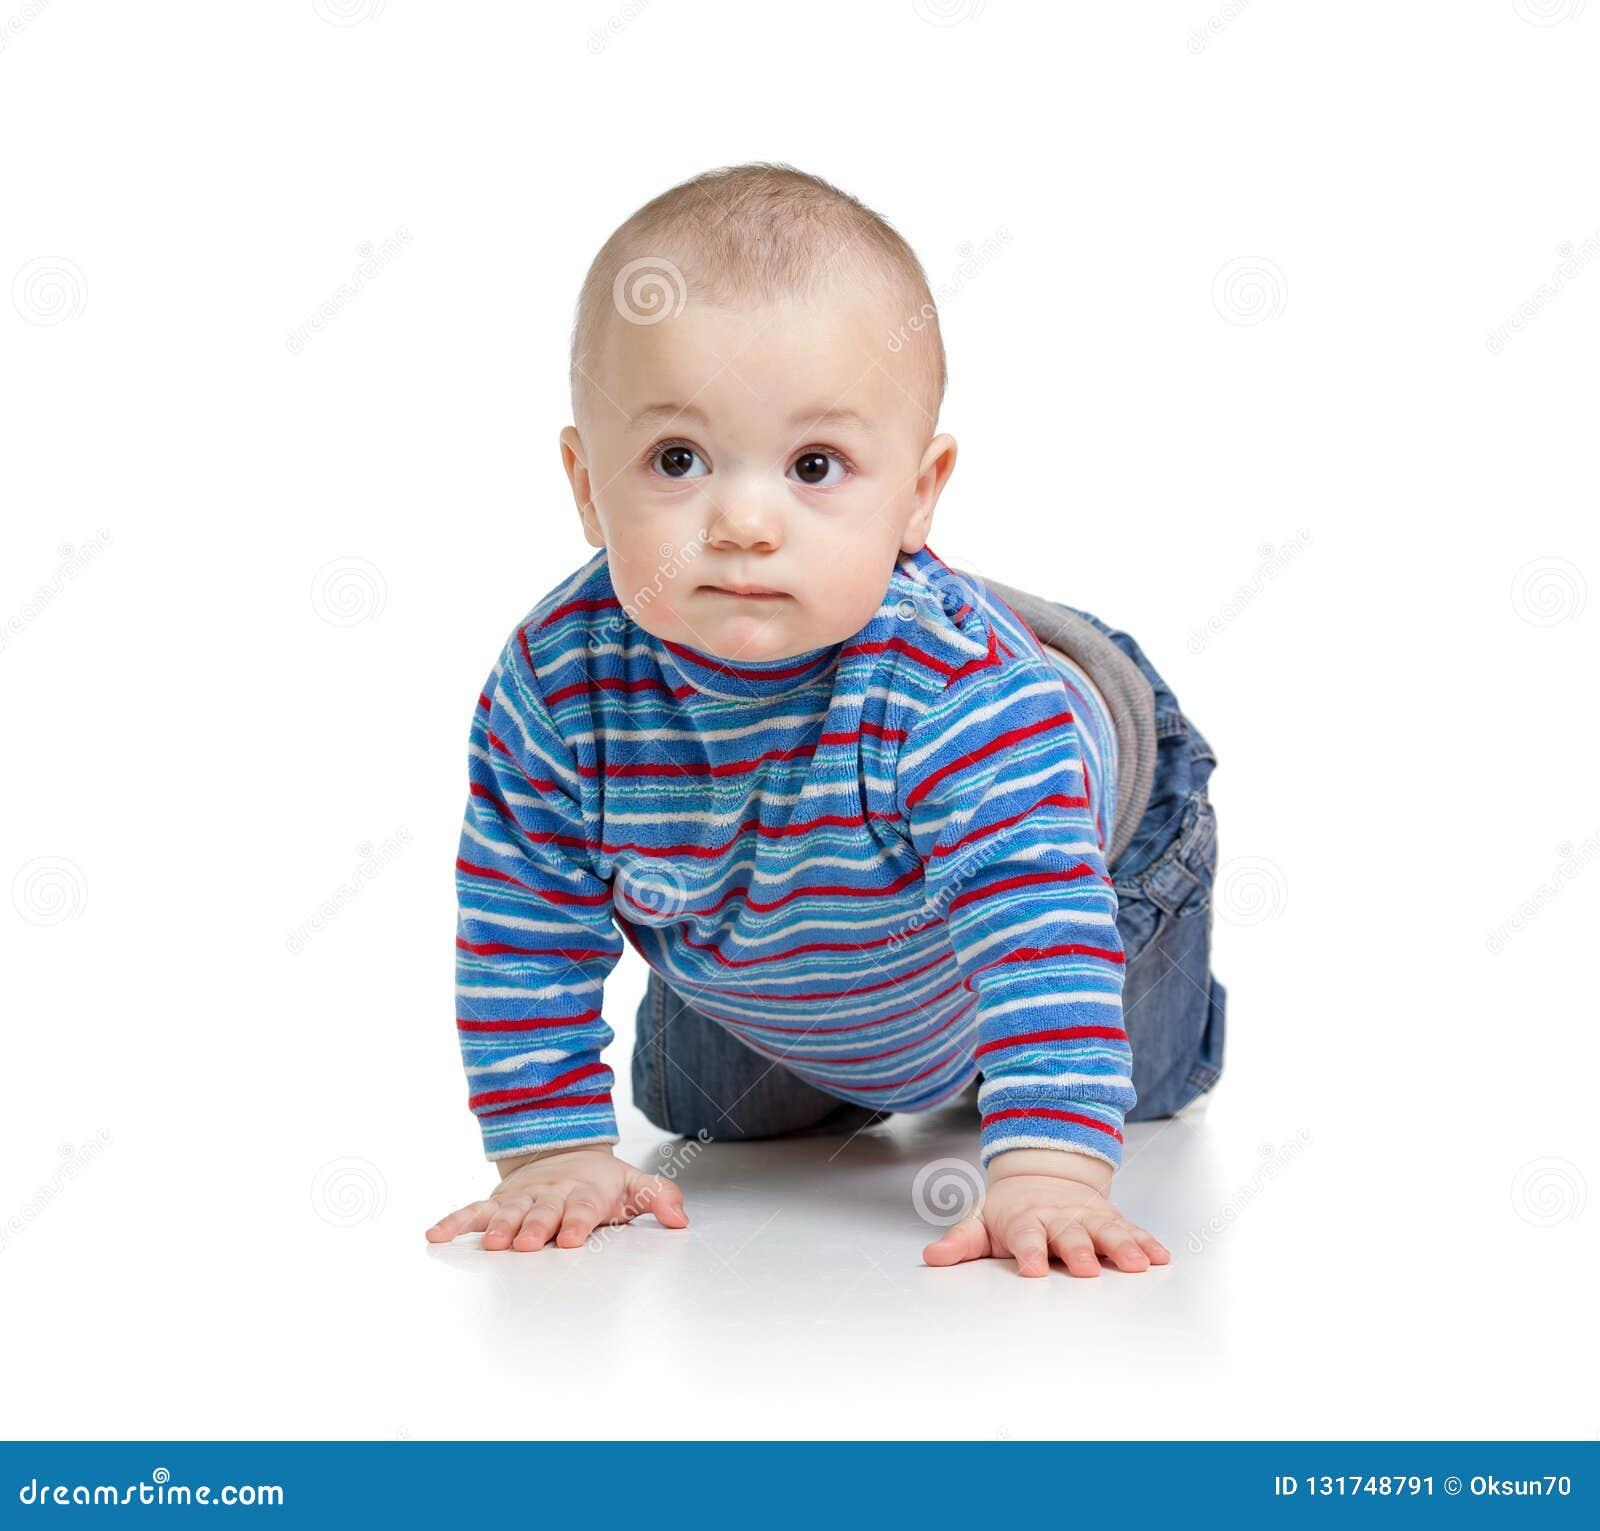 Süßes Babykinderkinderkriechen, lokalisiert auf Weiß